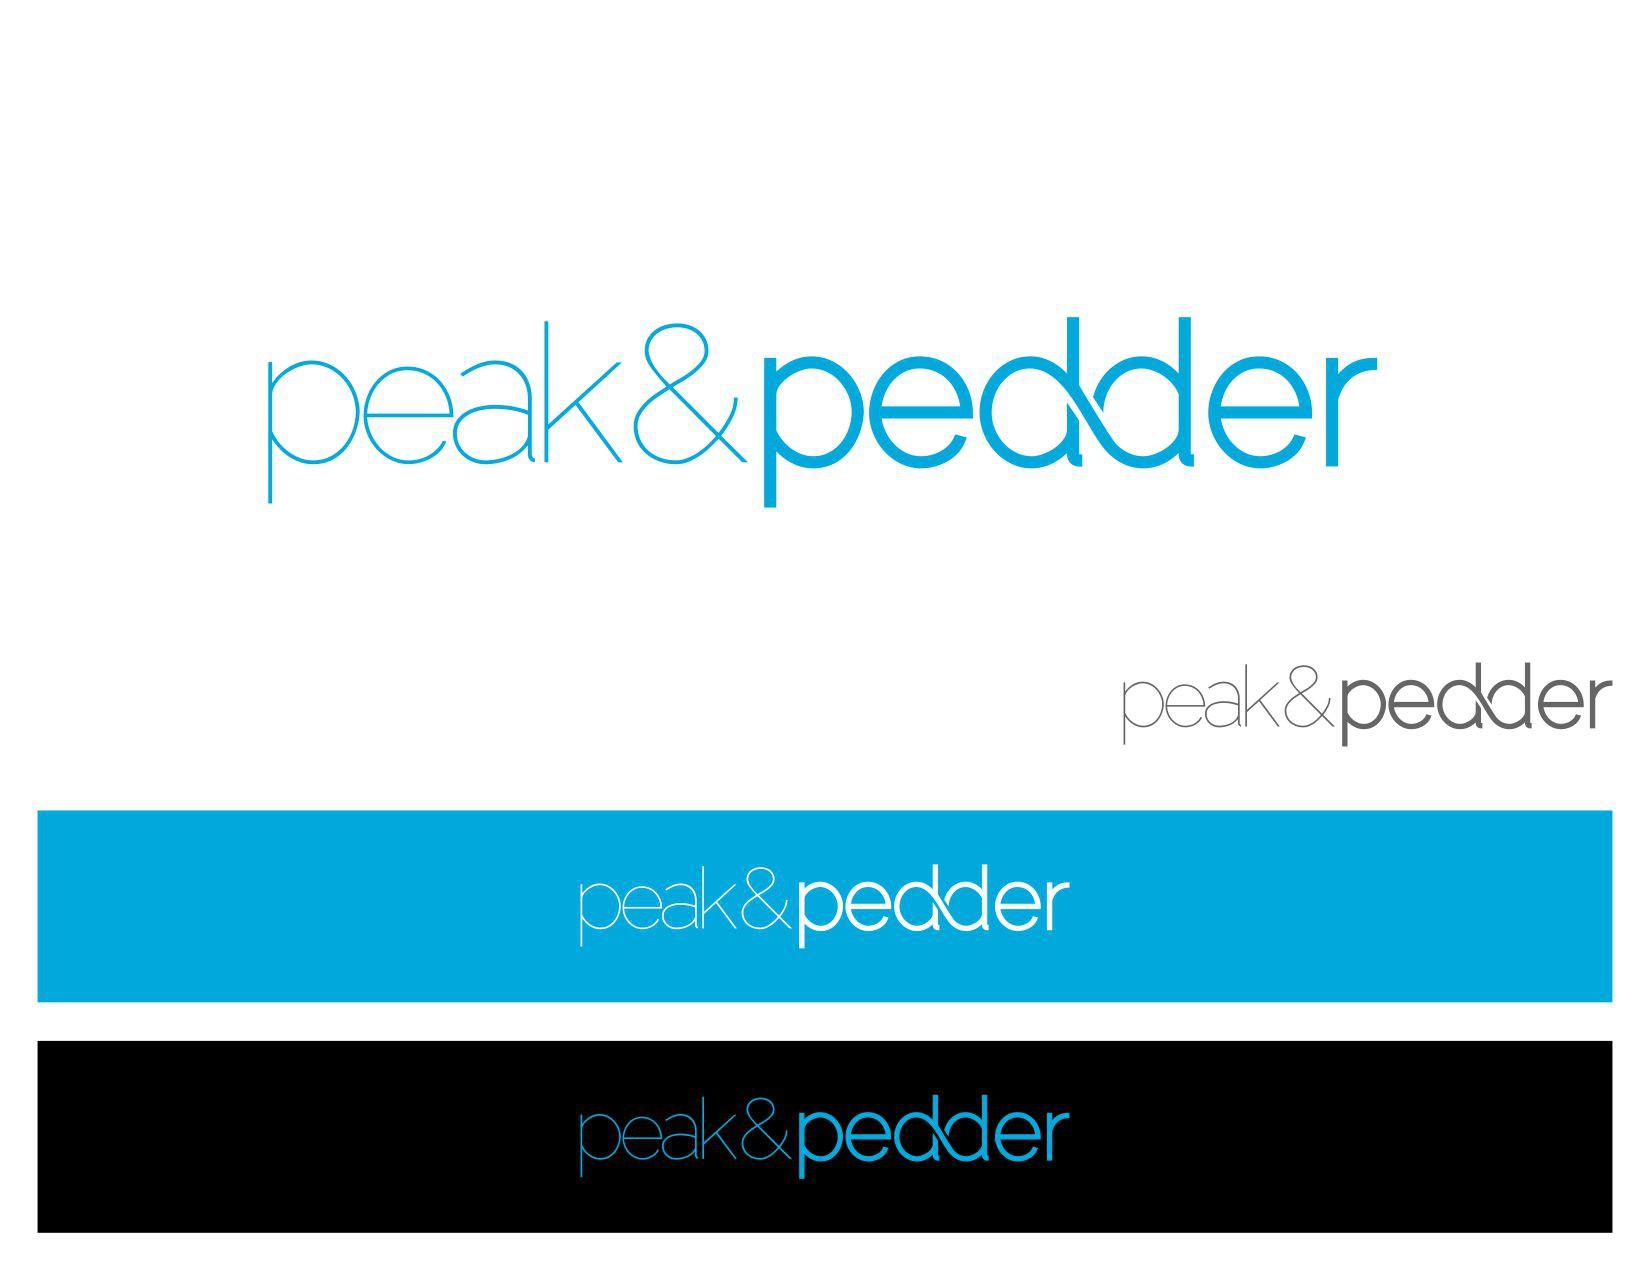 logo for peak&pedder